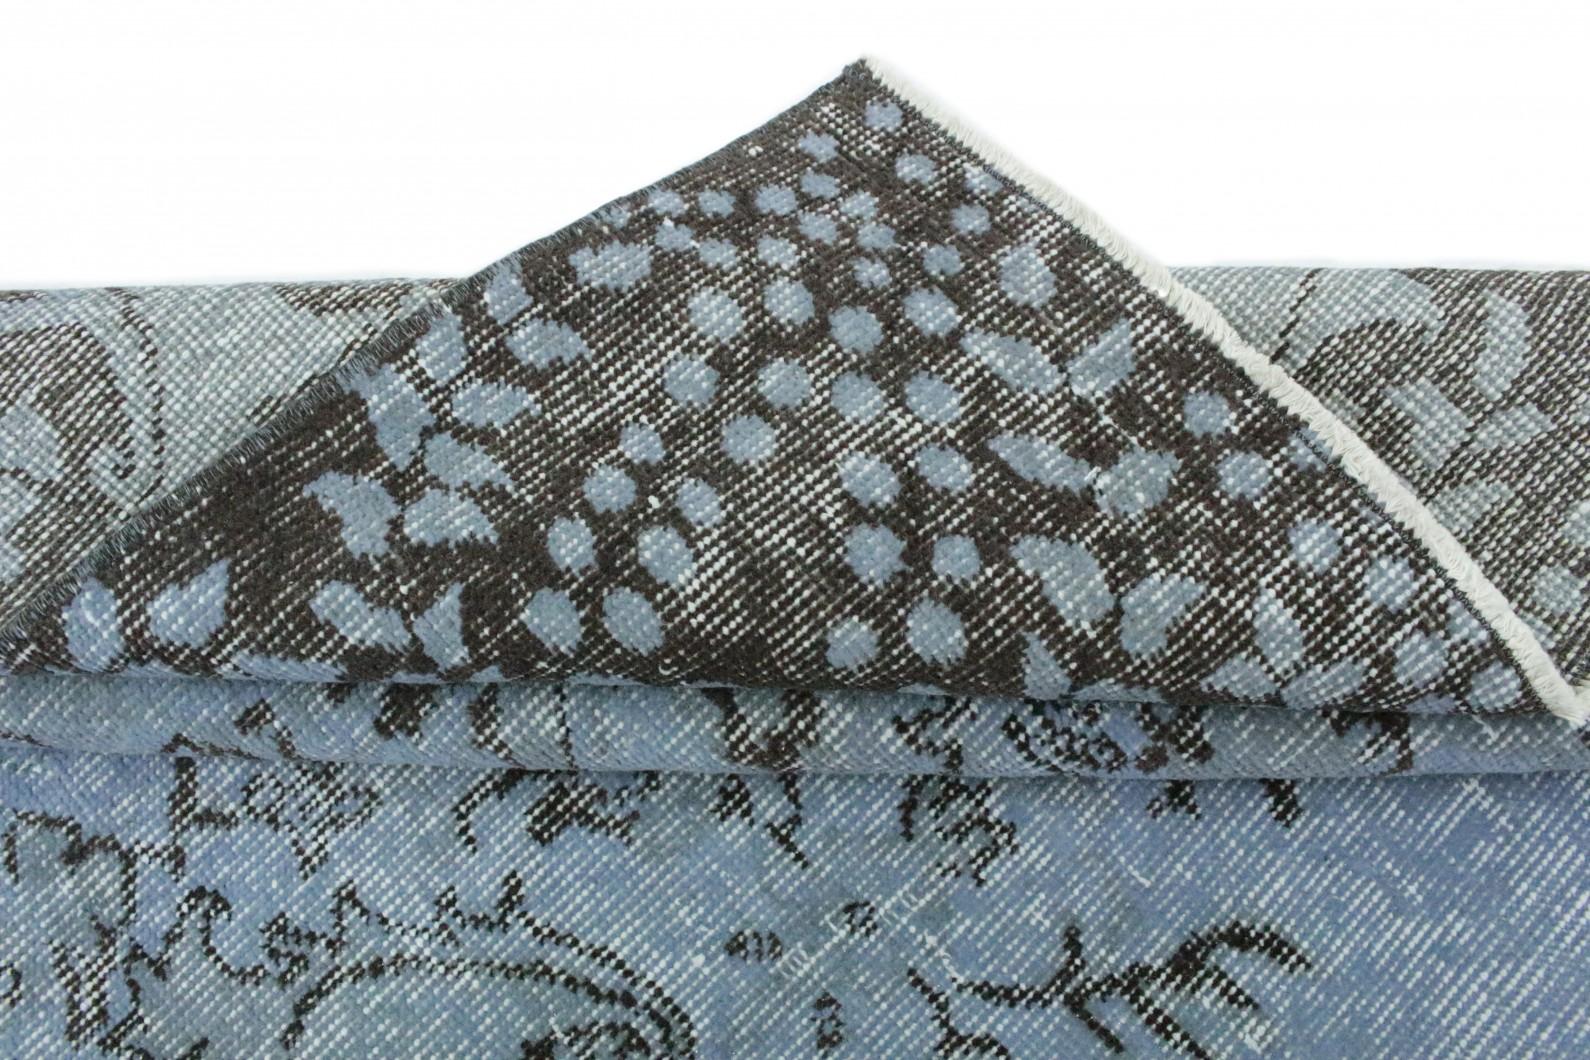 Vintage Teppich Blau Grau In 260x170 1011 1187 Bei Carpetido De Kaufen